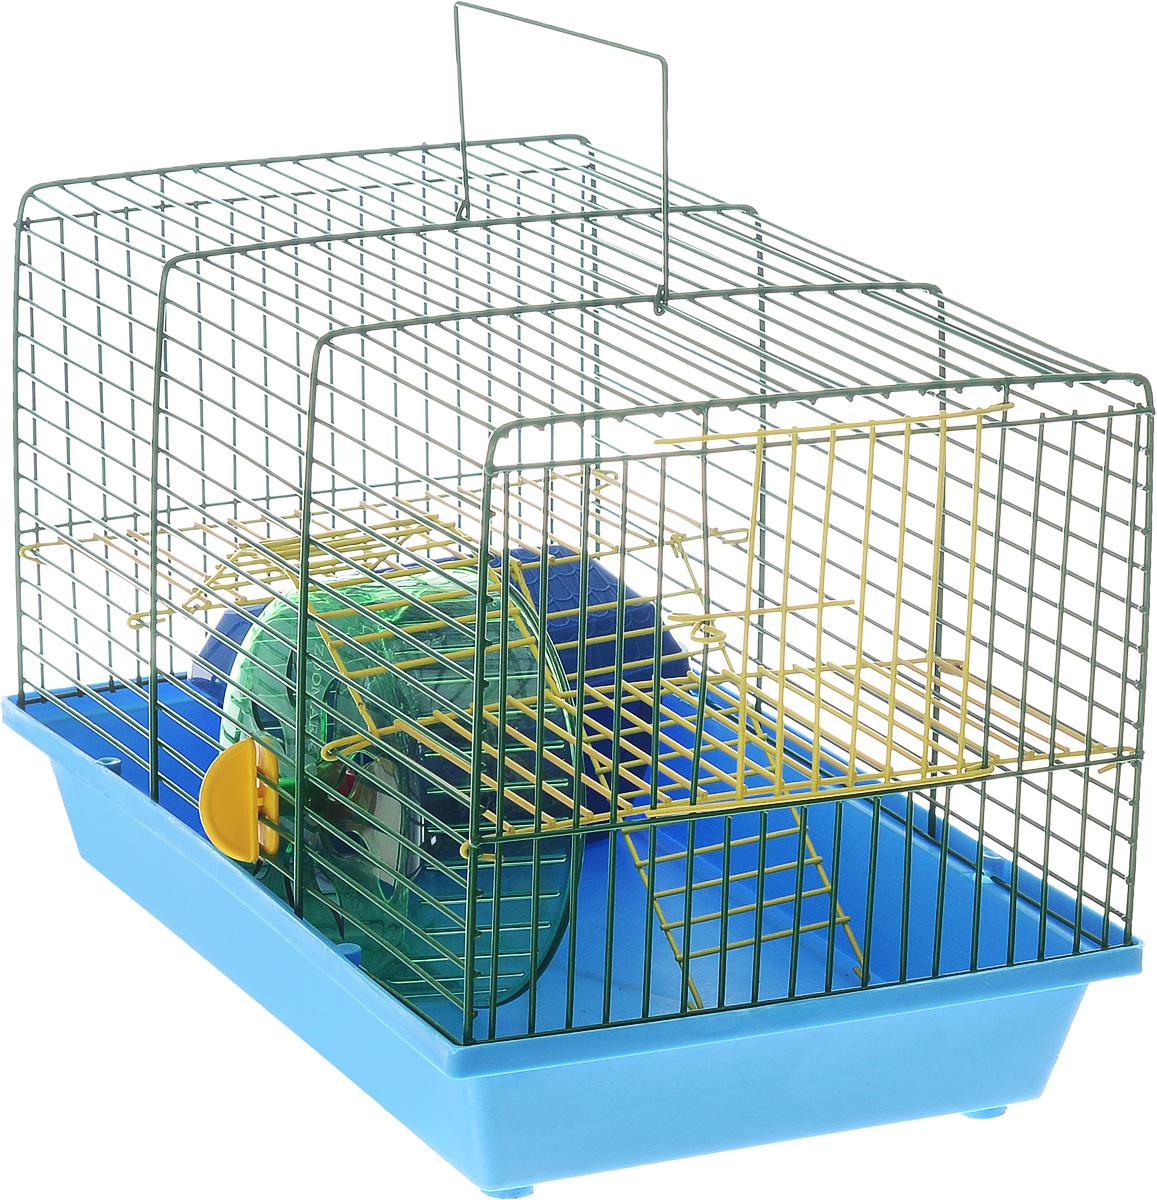 Клетка для грызунов Зоомарк  Венеция , 2-этажная, цвет: синий поддон, зеленая решетка, 36 х 23 х 24 см - Клетки, вольеры, будки